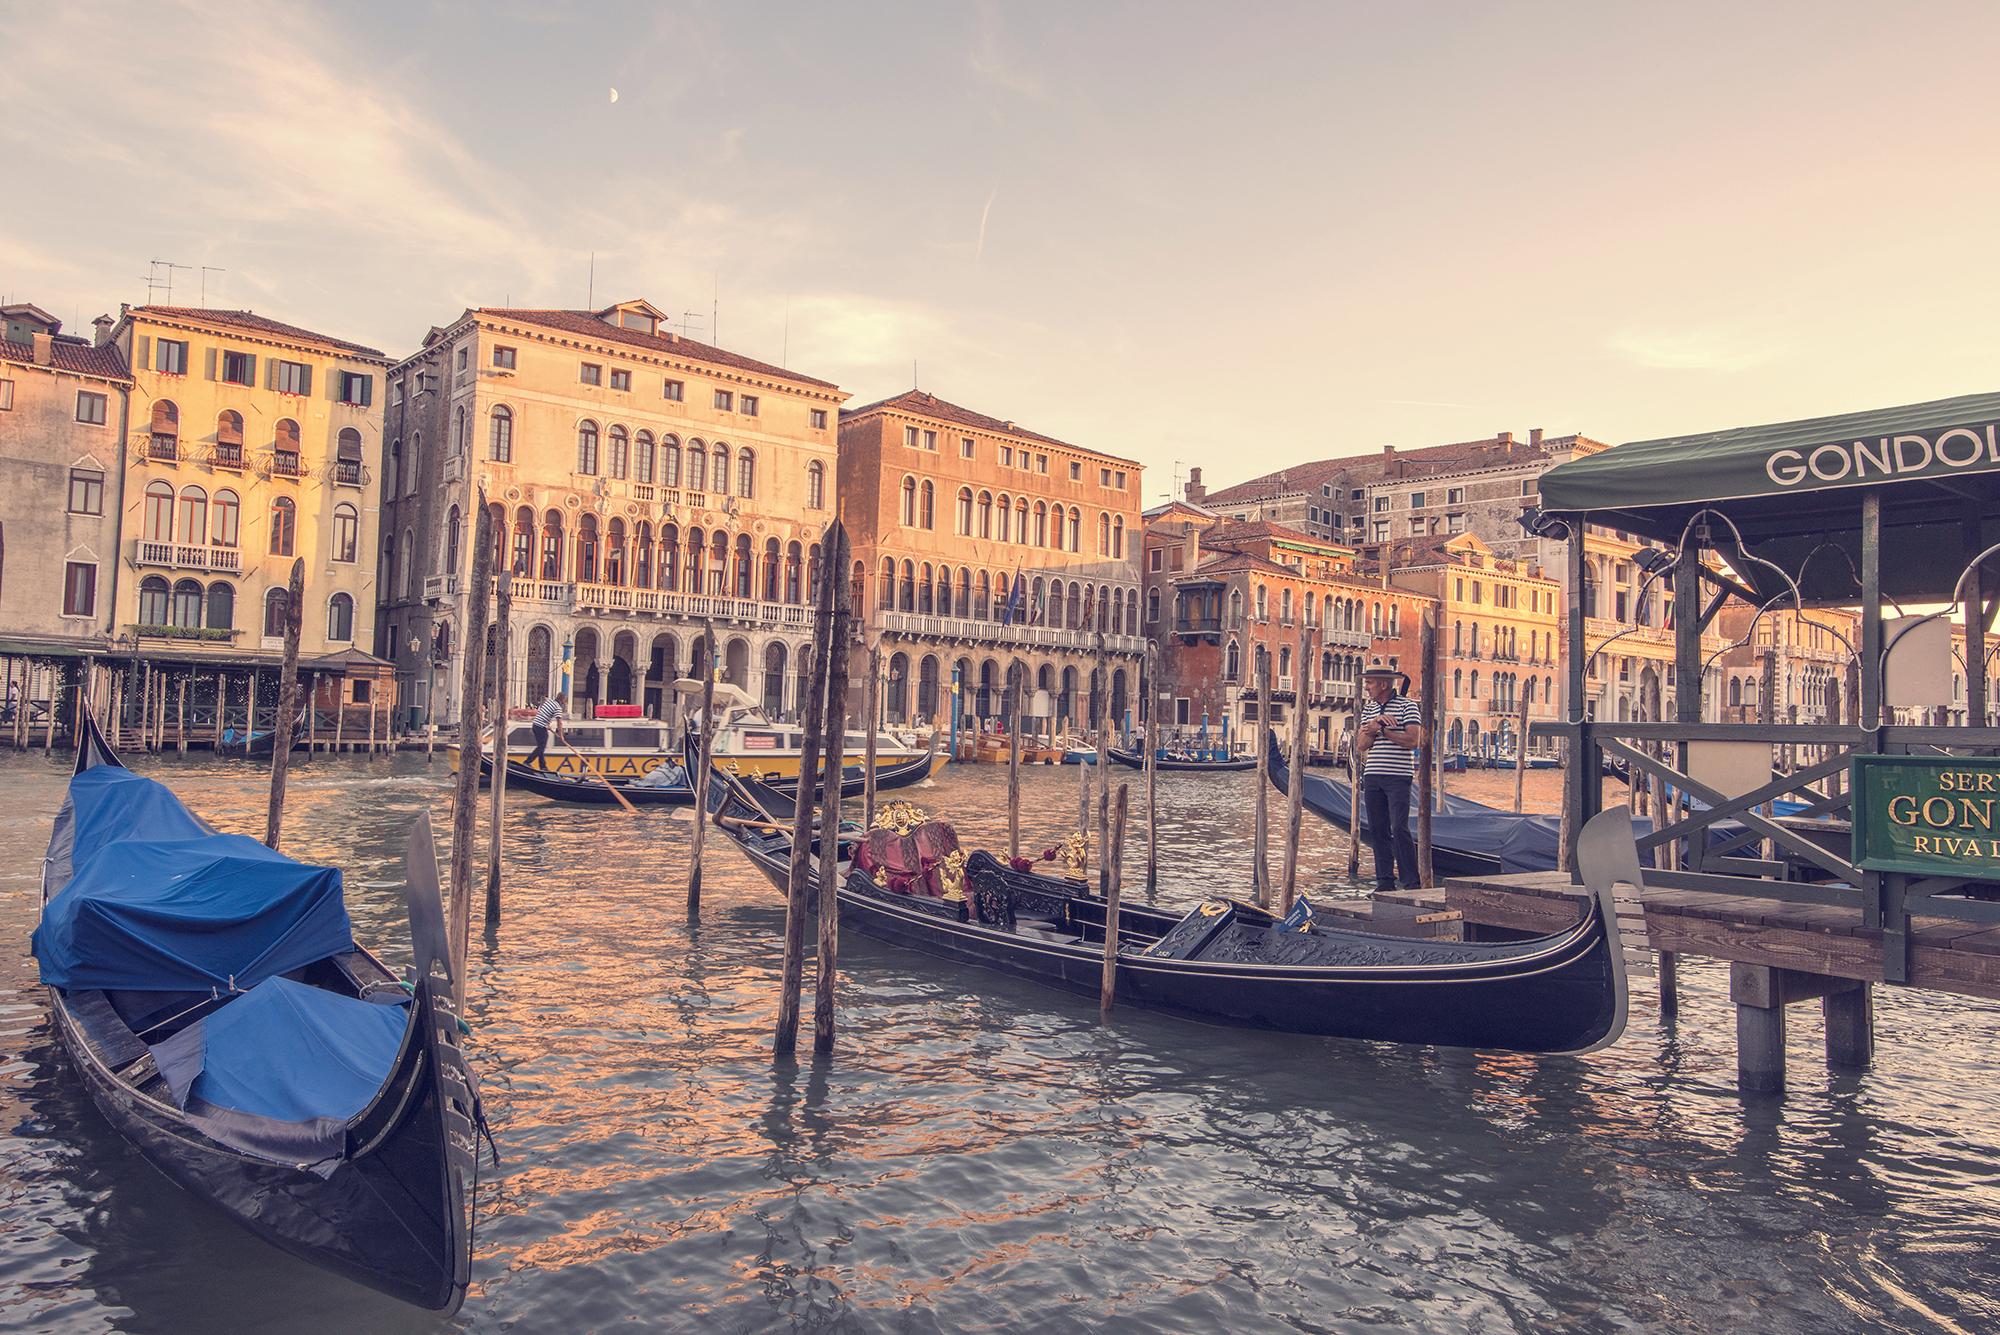 gondolas vintage